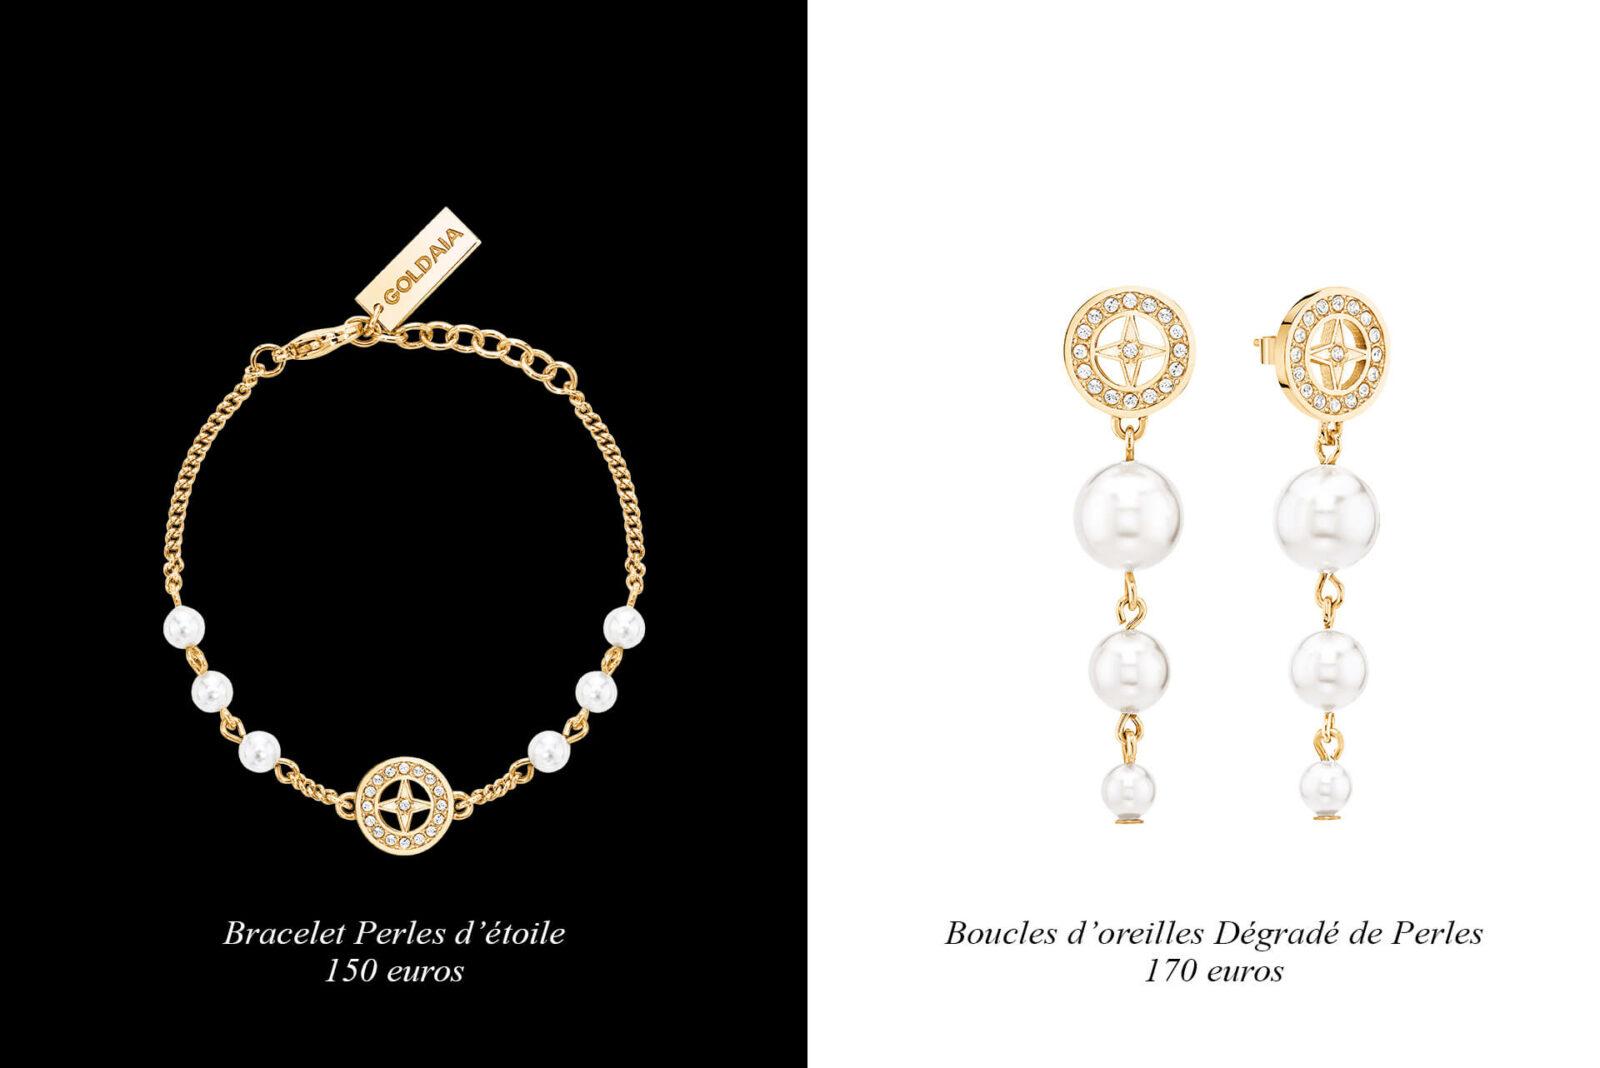 , le bracelet « Perles d'étoile »,les boucles d'oreilles « Dégradé de perles » ou encore le collier « Finesse » ont fait l'unanimité chez les femmes